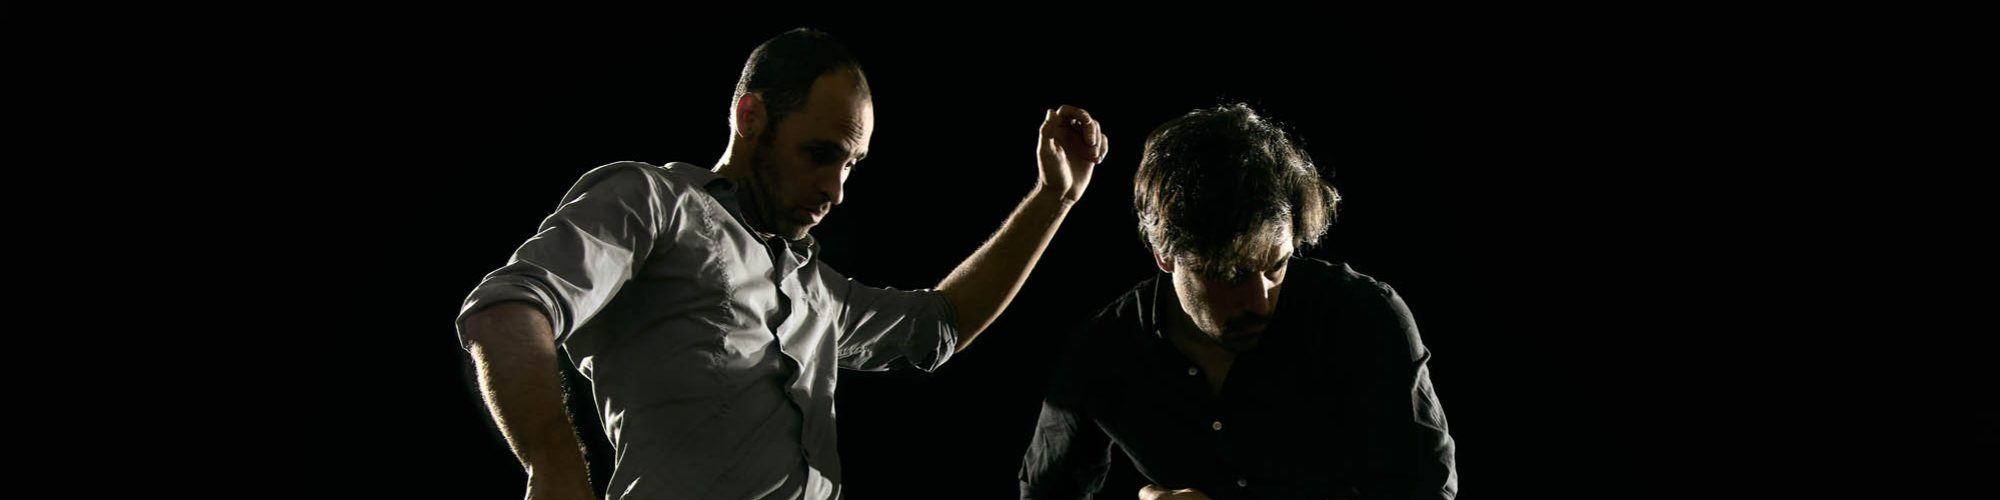 Promo shoot, Accolades et quiproquos, Les Archipels; avec Philippe Meunier et Ian Yaworski; Crédit : Vitor Munhoz. 2020.